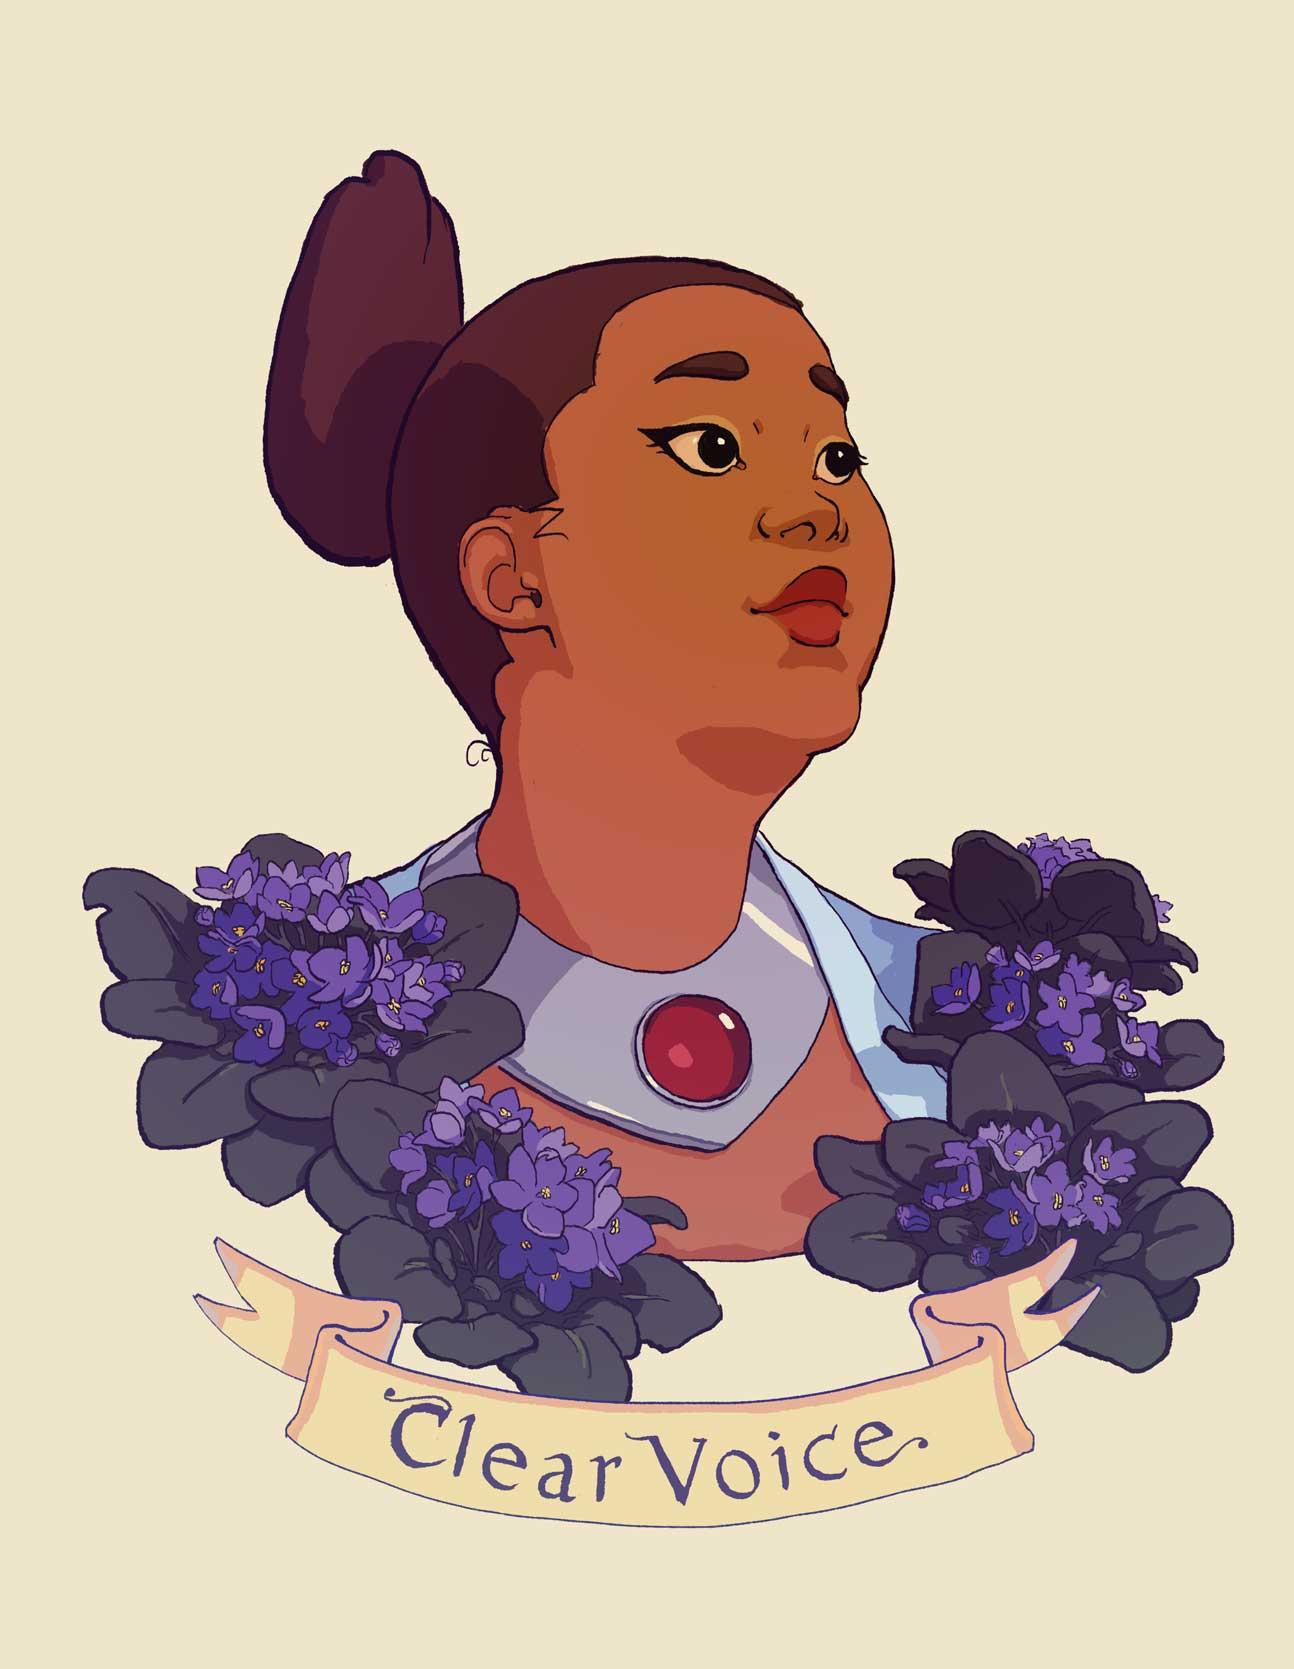 Paradzul Clear Voice